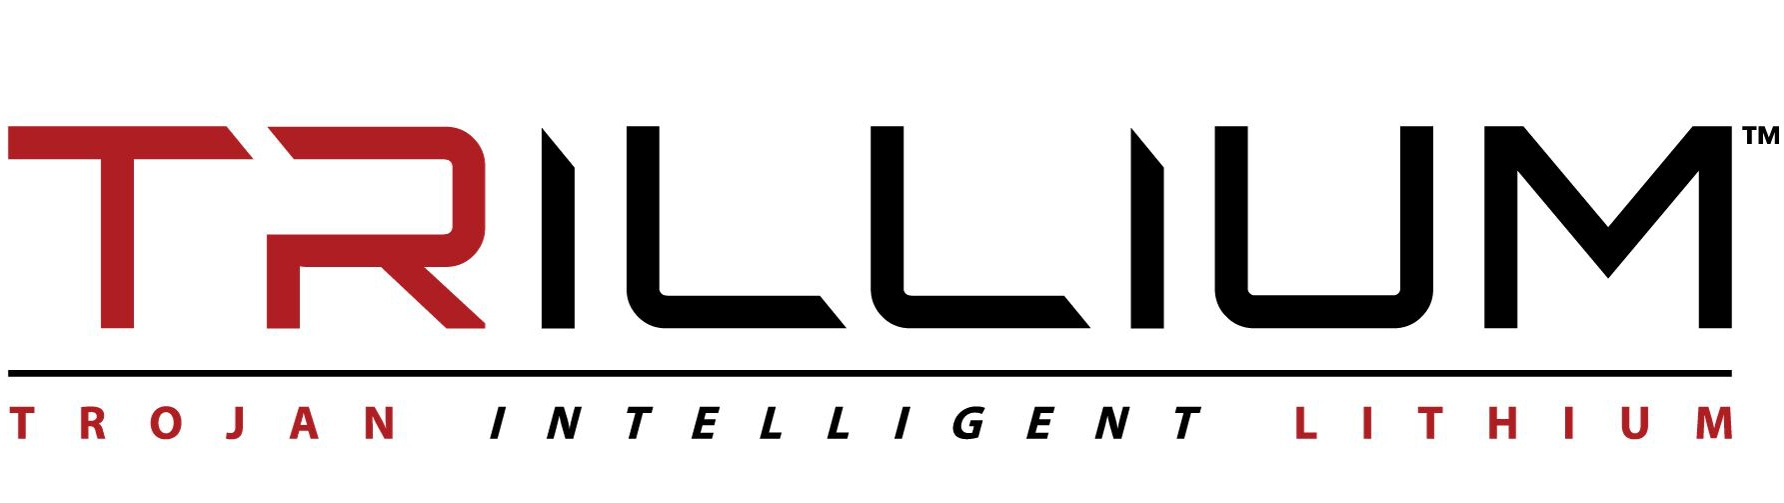 Trojan+Trillium+Batteries